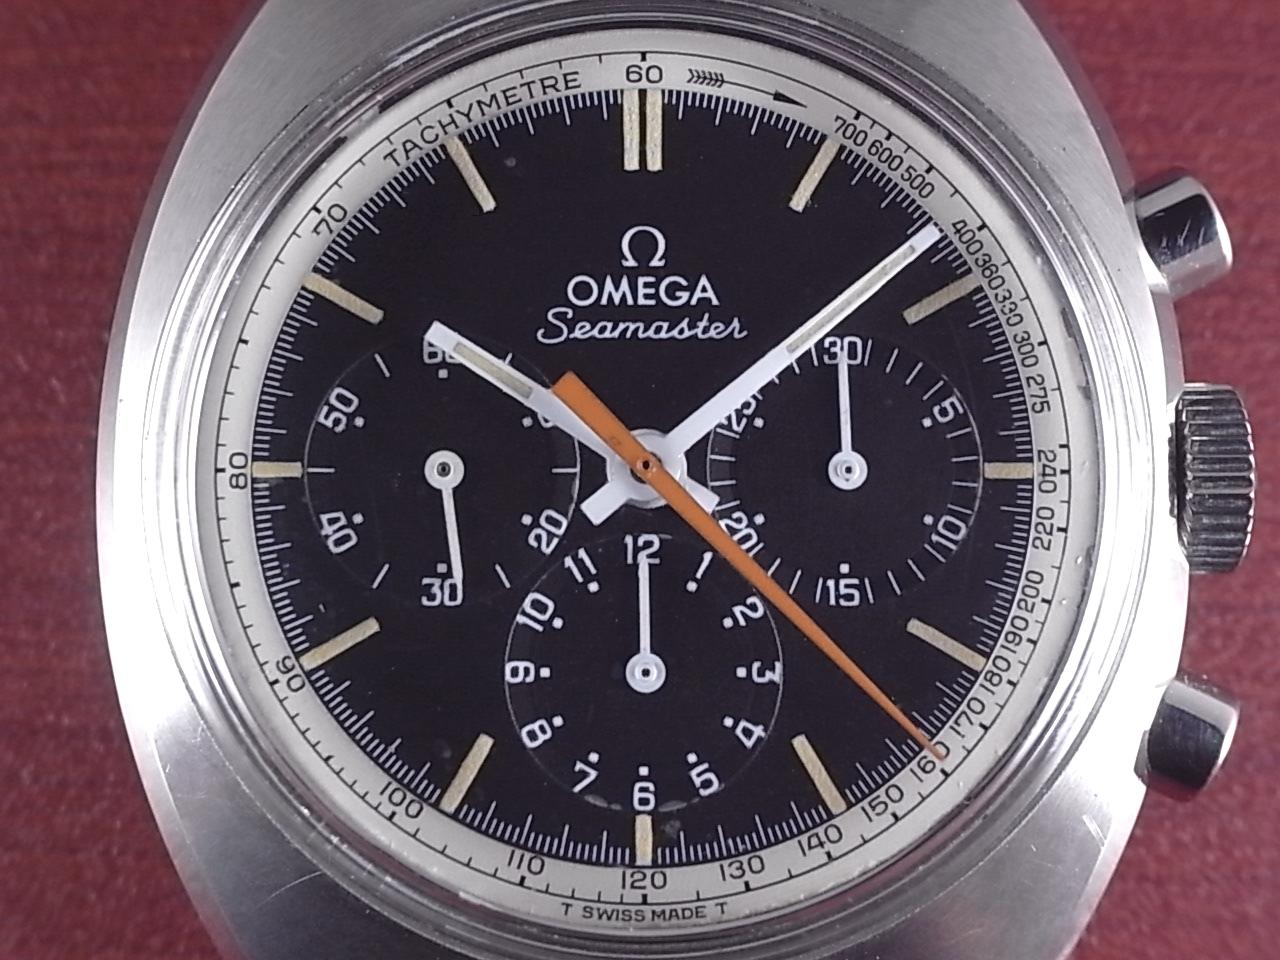 オメガ シーマスター クロノグラフ Ref.145.016 Cal.861 1960年代の写真2枚目